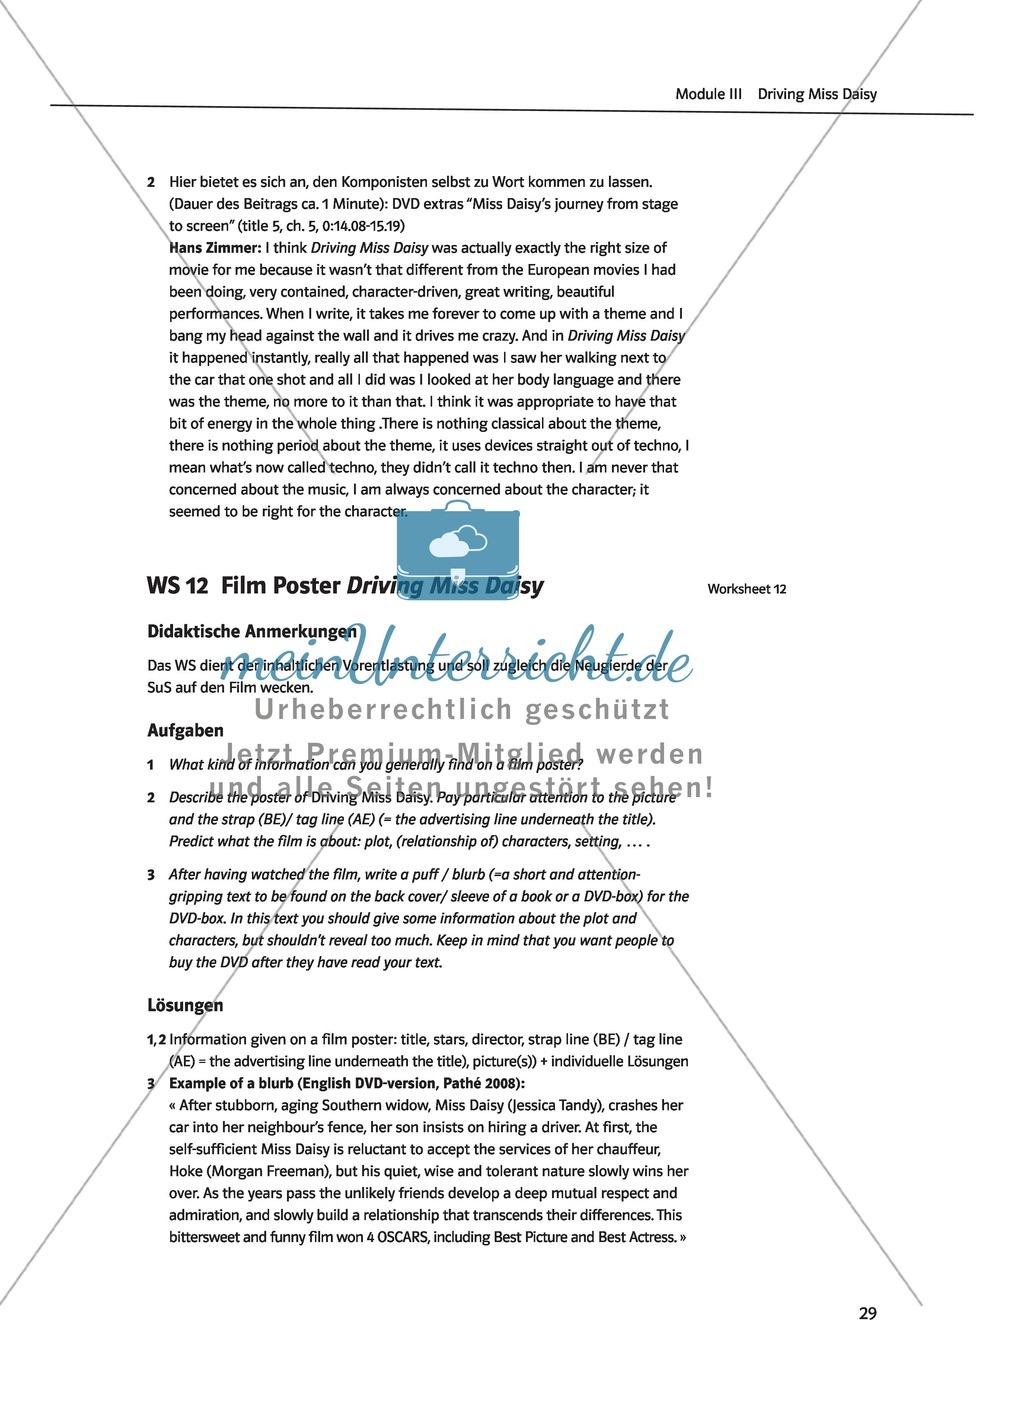 Driving Miss Daisy: Lernziele + Inhalt + Arbeitsblätter + Klausur + Lösungen Preview 11